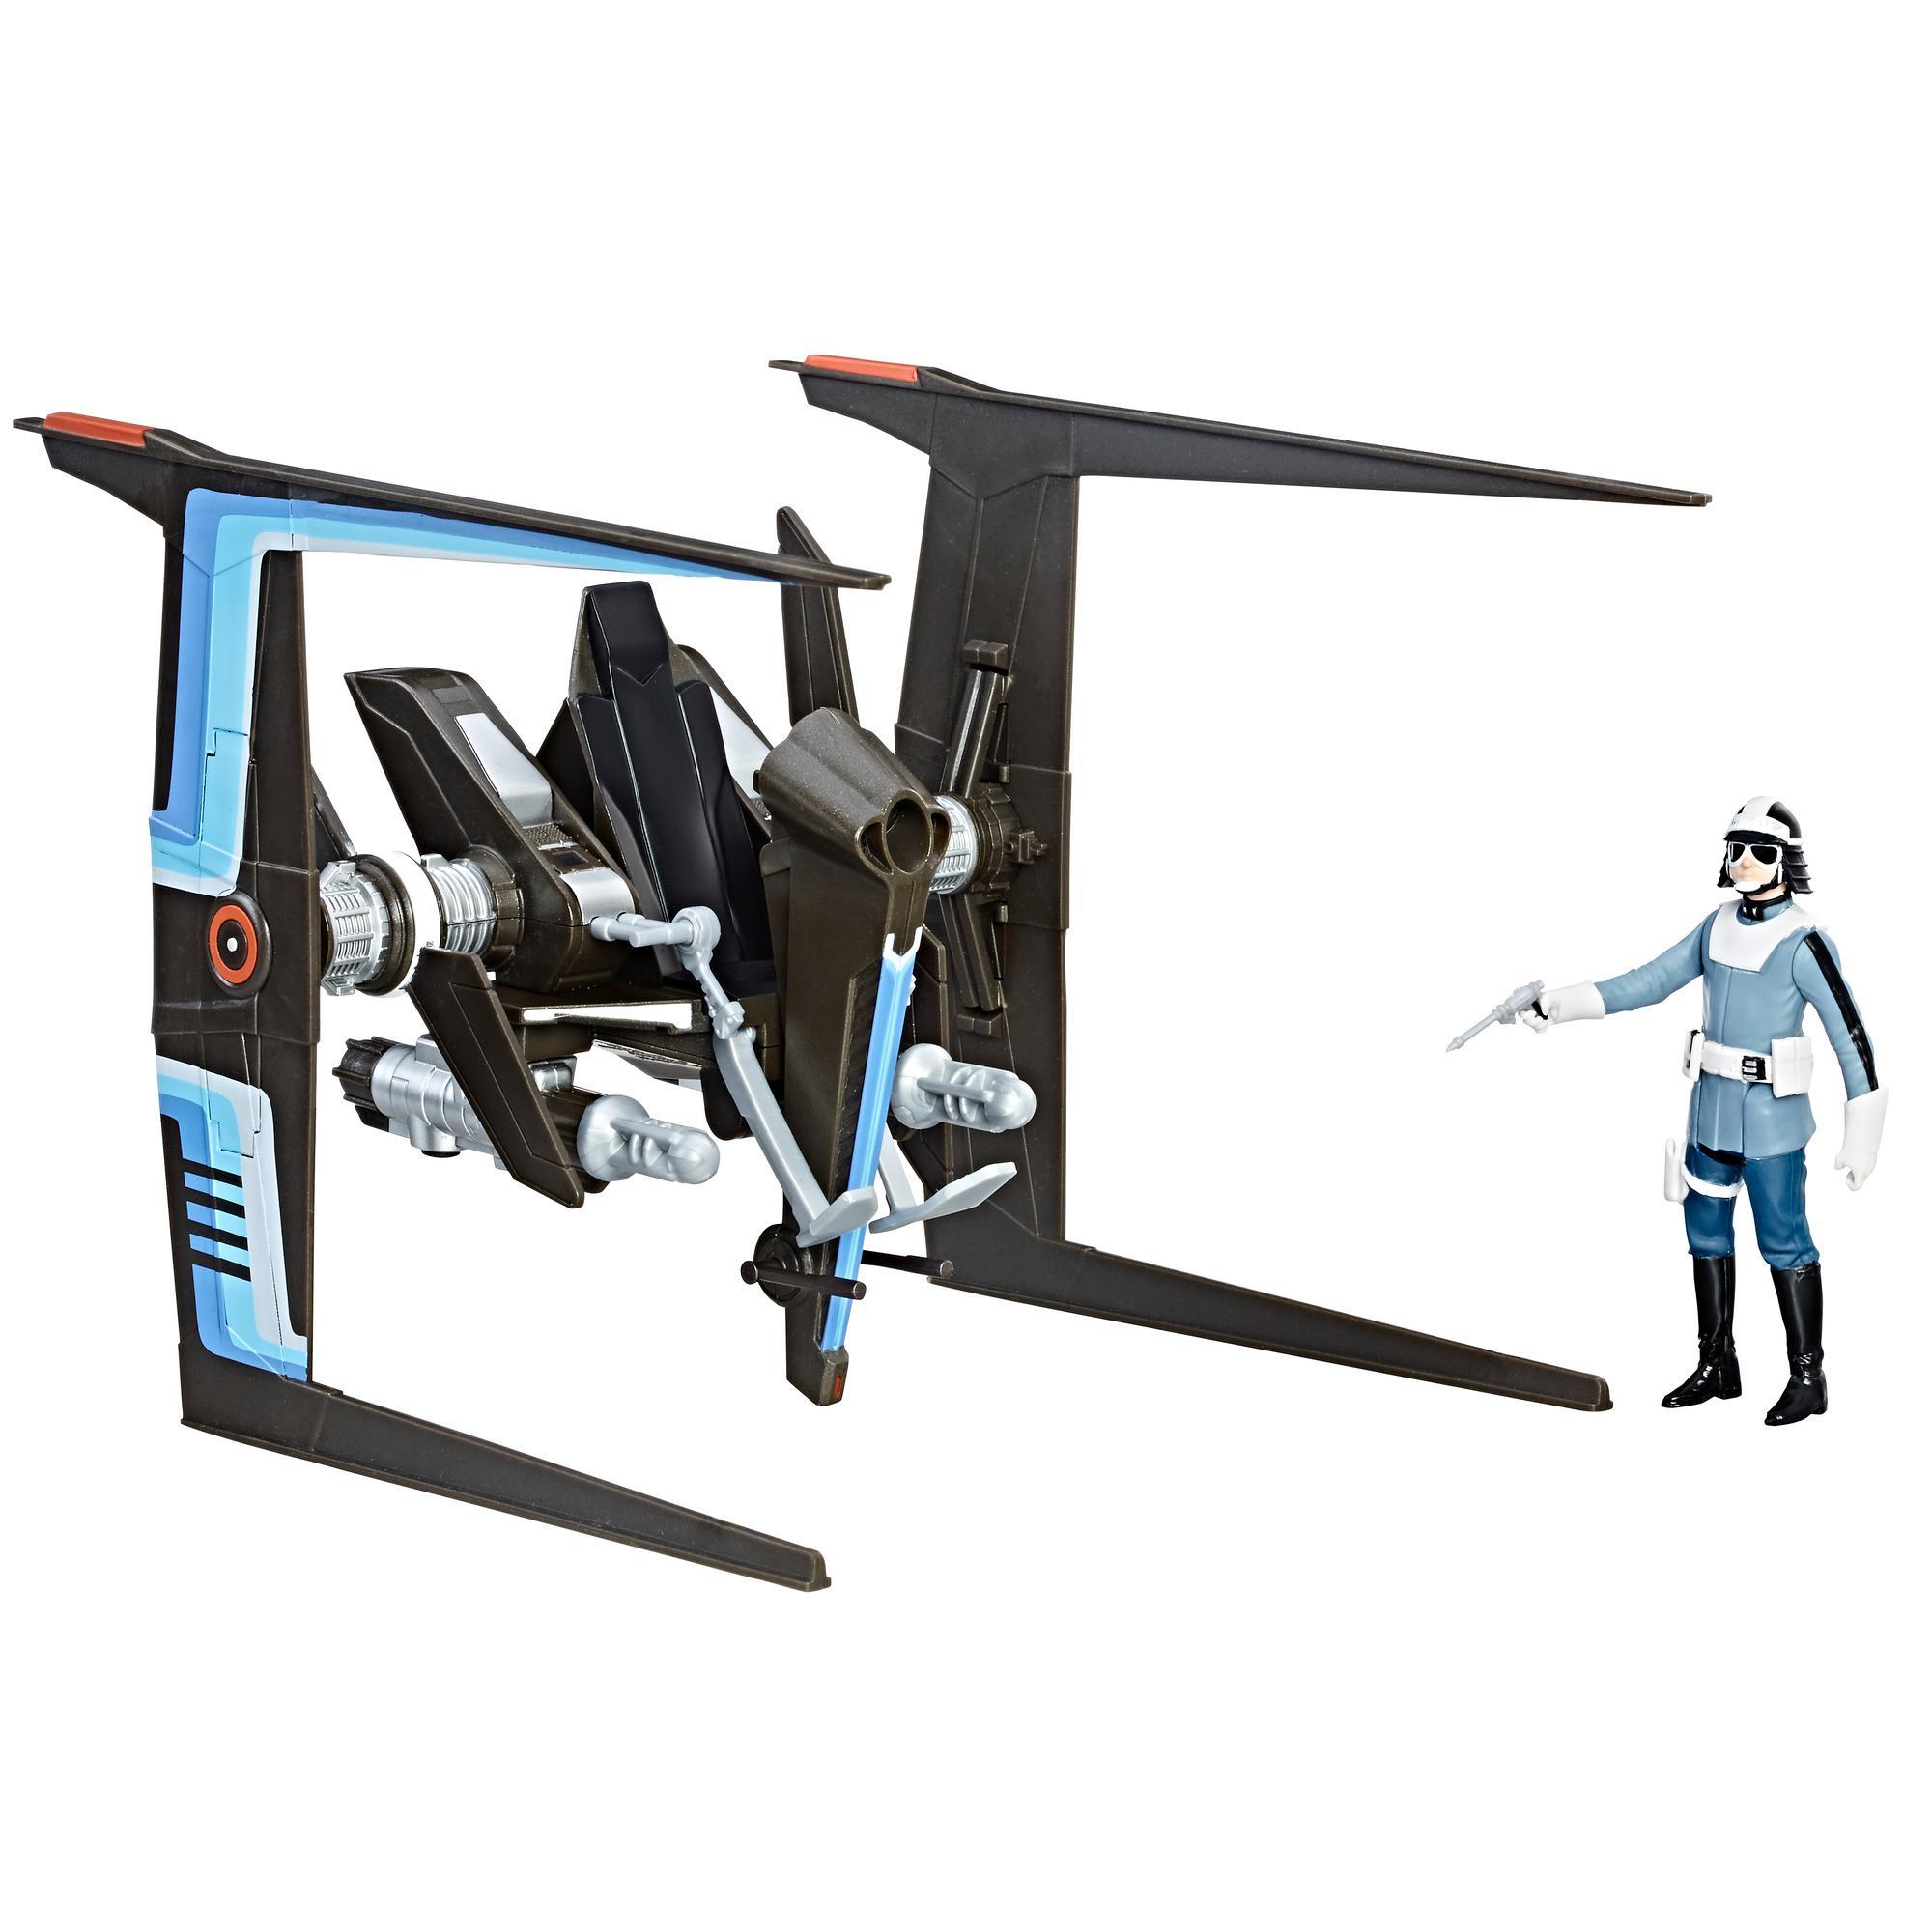 Star Wars Force Link - Deslizador de la policía de Canto Bight y figura de policía de Canto Bight